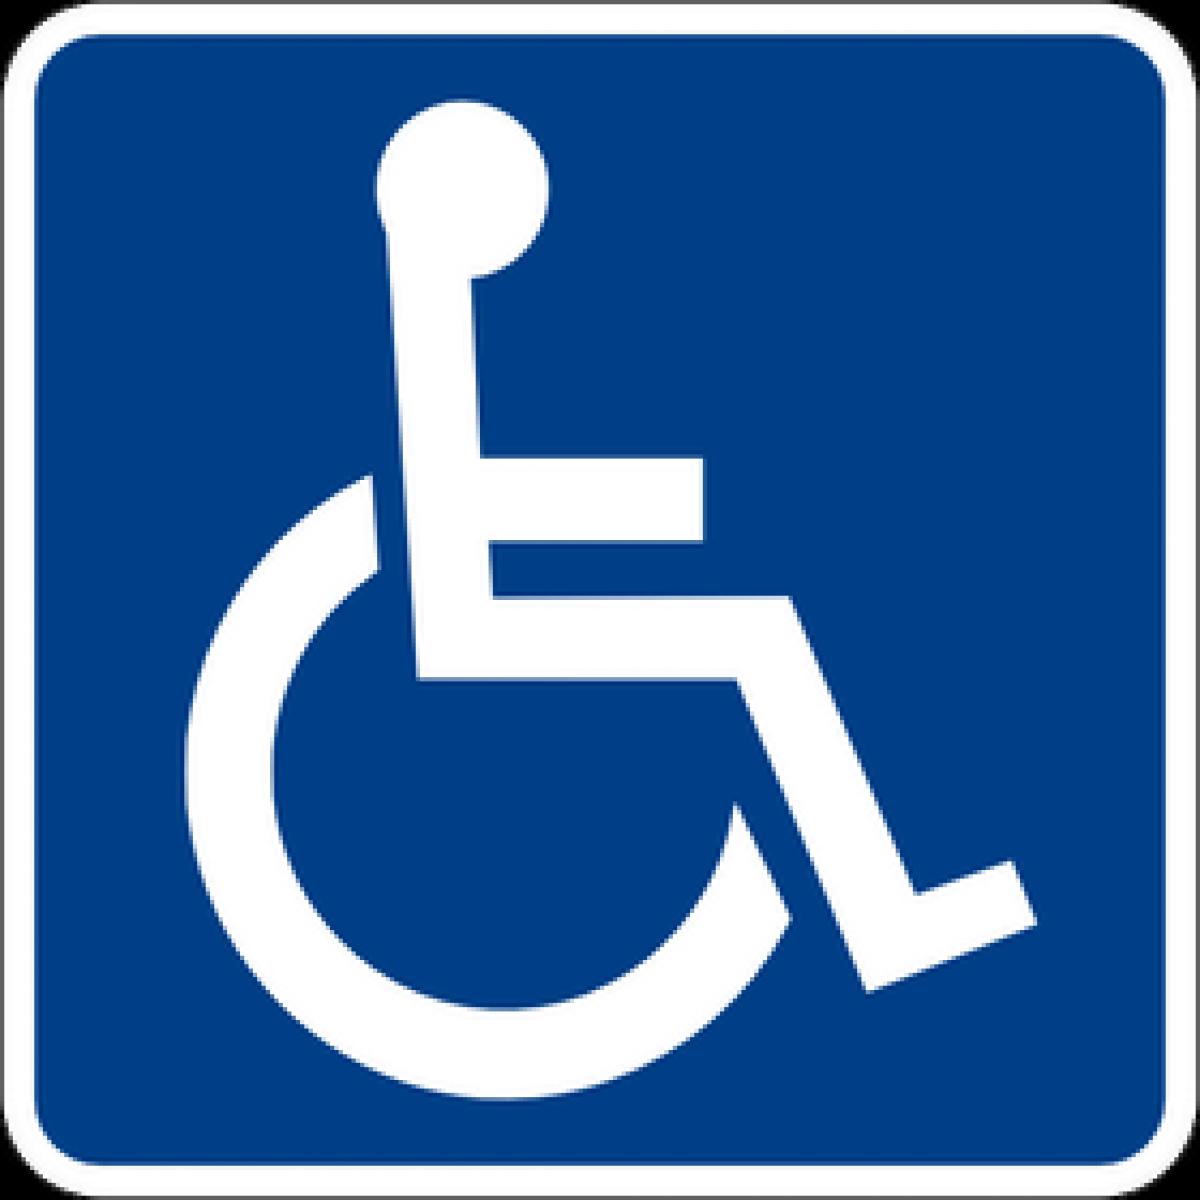 Hôtel avec équipements adaptés aux personnes à mobilité réduite